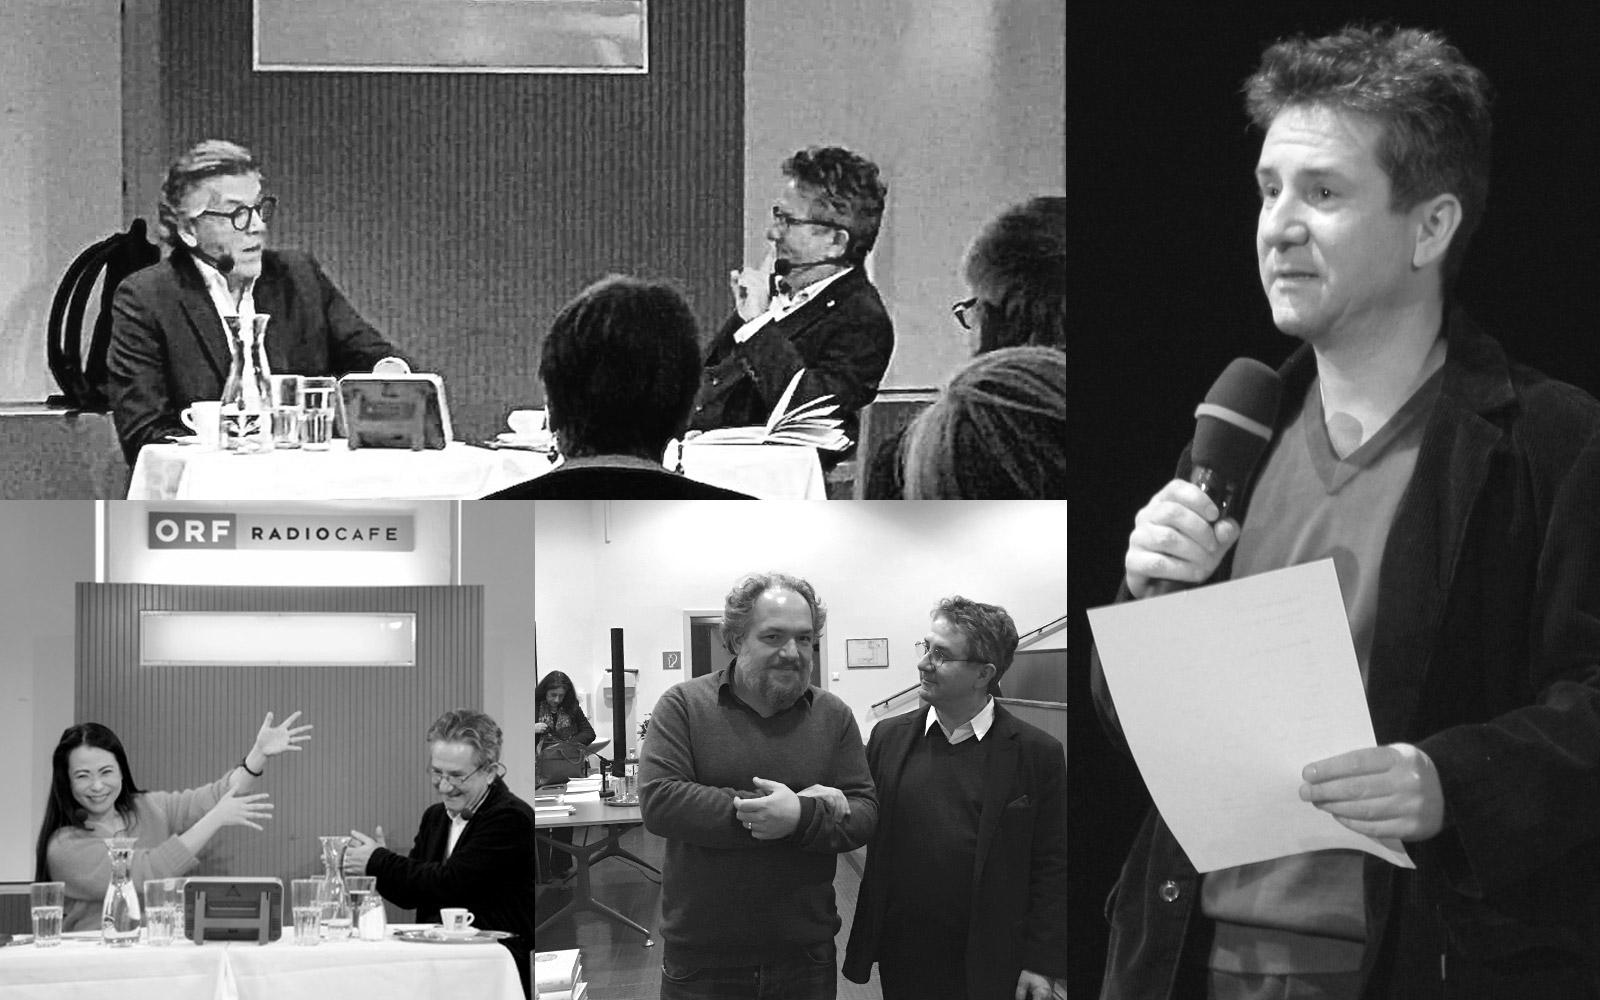 Thomas Hampson mit Helmut Jasbar, Maki Hagiwara, Mathias Enard, Helmut Jasbar